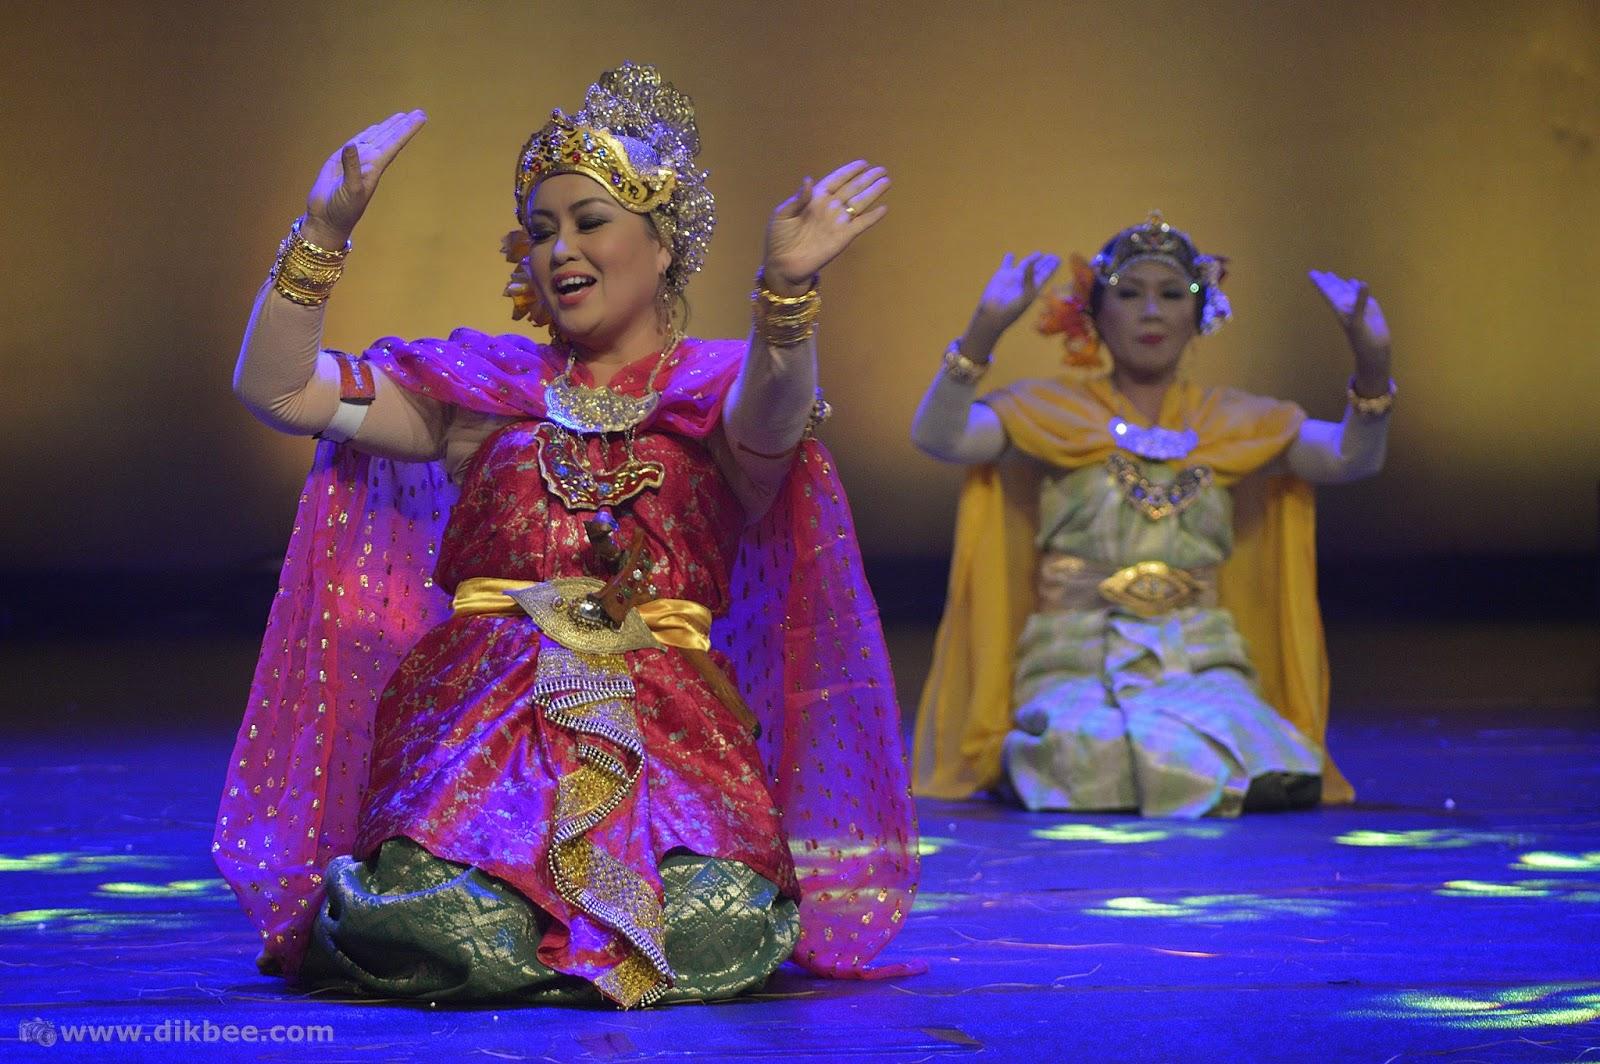 Inspitari 2014 | Memartabatkan Karya Tari Kreasi Baru Sarat Elemen Tradisi